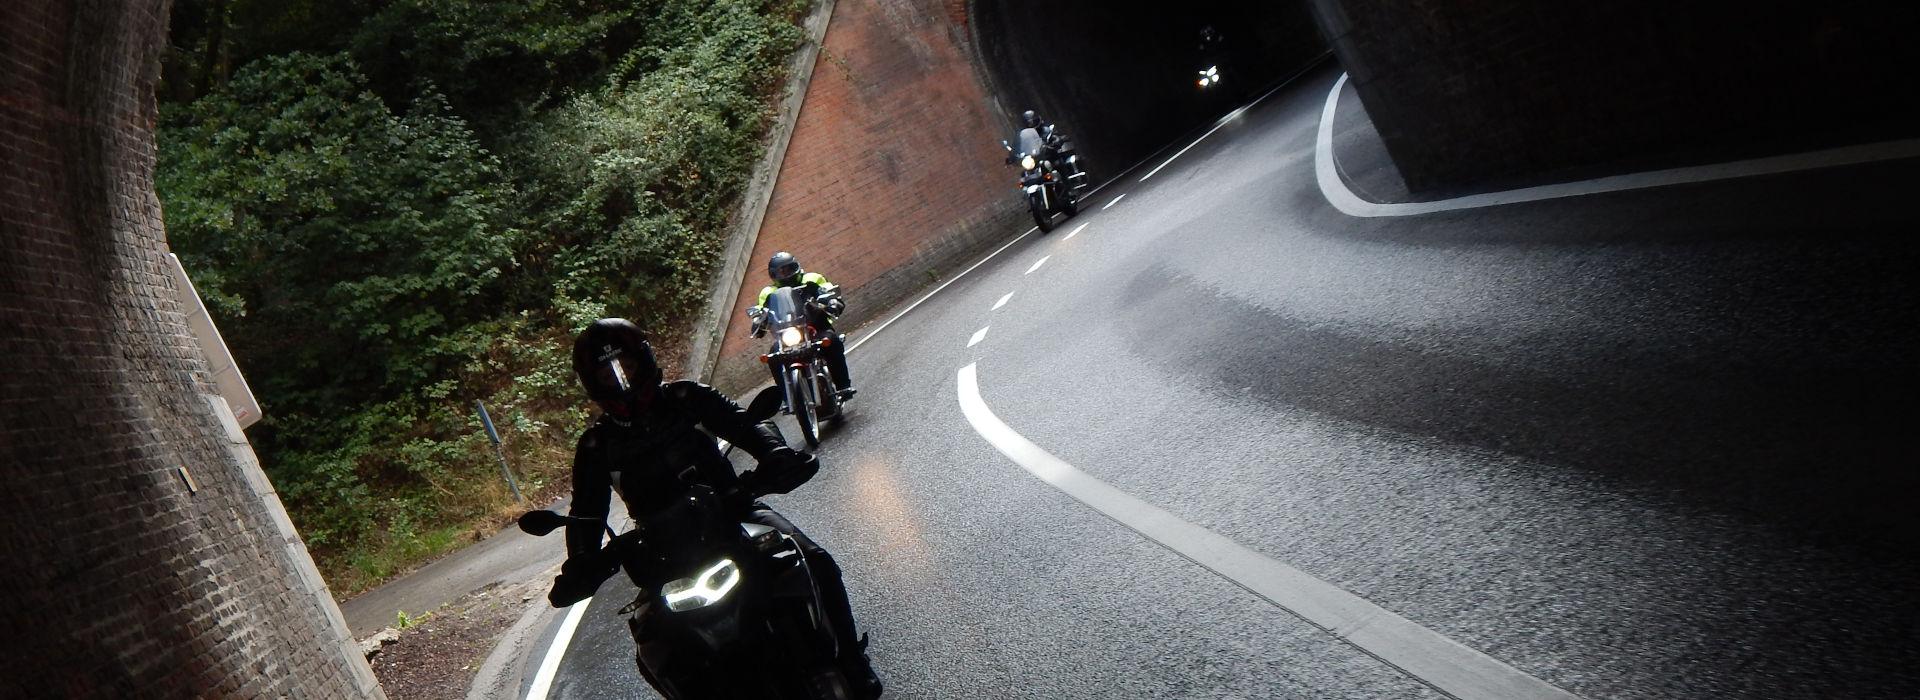 Motorrijbewijspoint Brunssum spoed motorrijbewijs